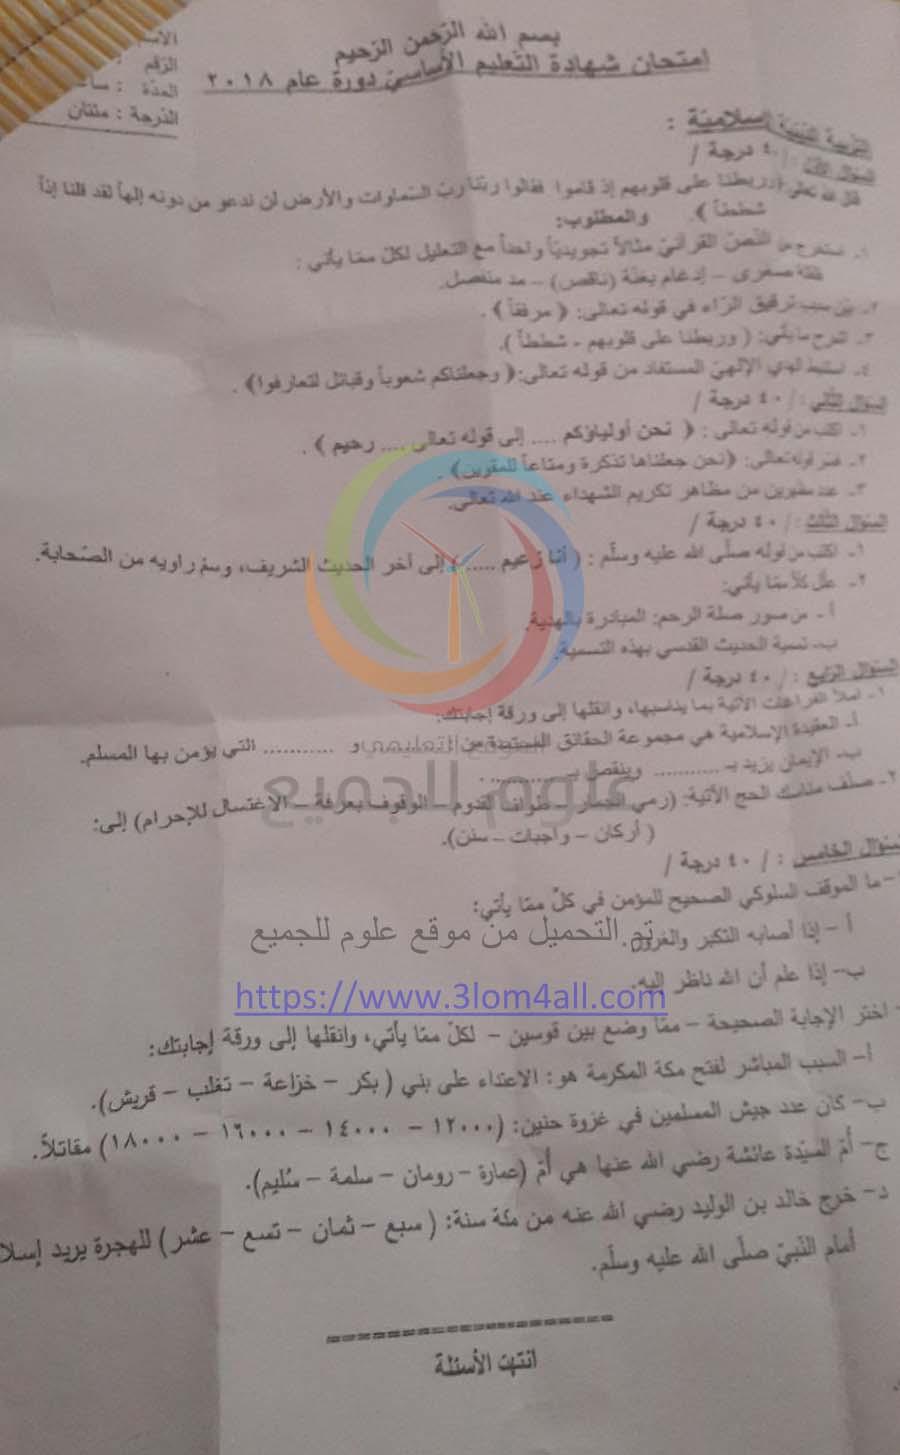 ادلب ورقة اسئلة وزارة التربية للديانة للصف التاسع دورة 2018 - الامتحان النهائي